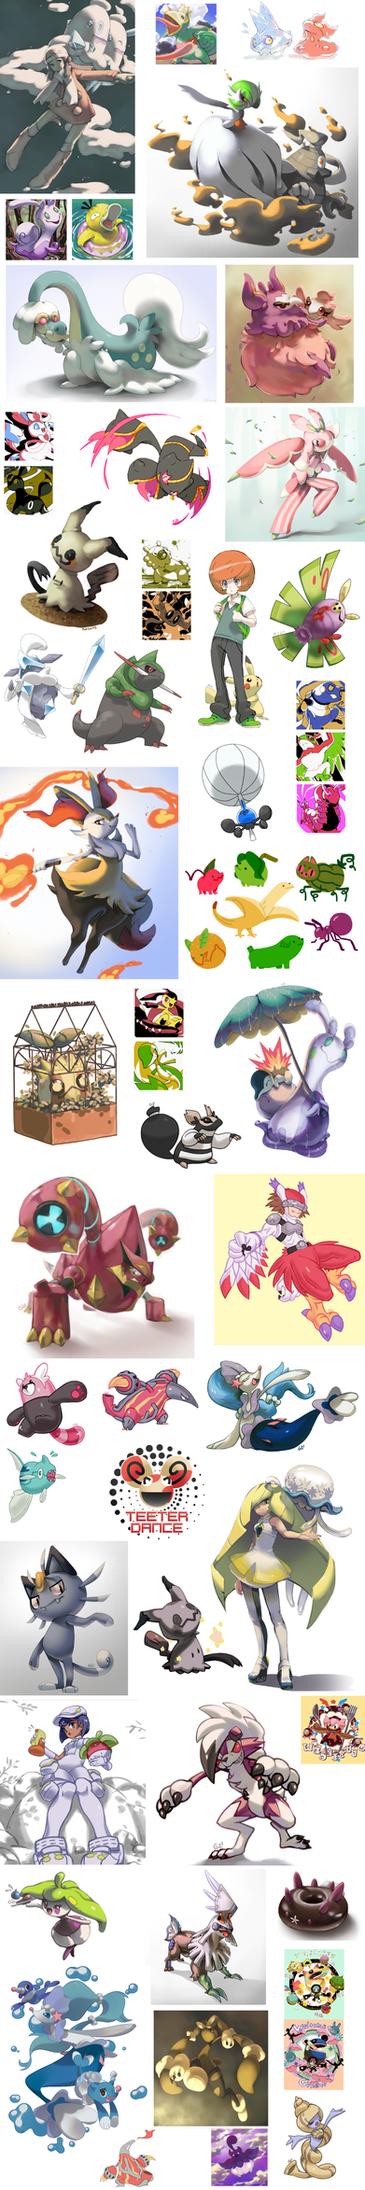 Pokemon Dump 2015 - 2017 by PinkGermy